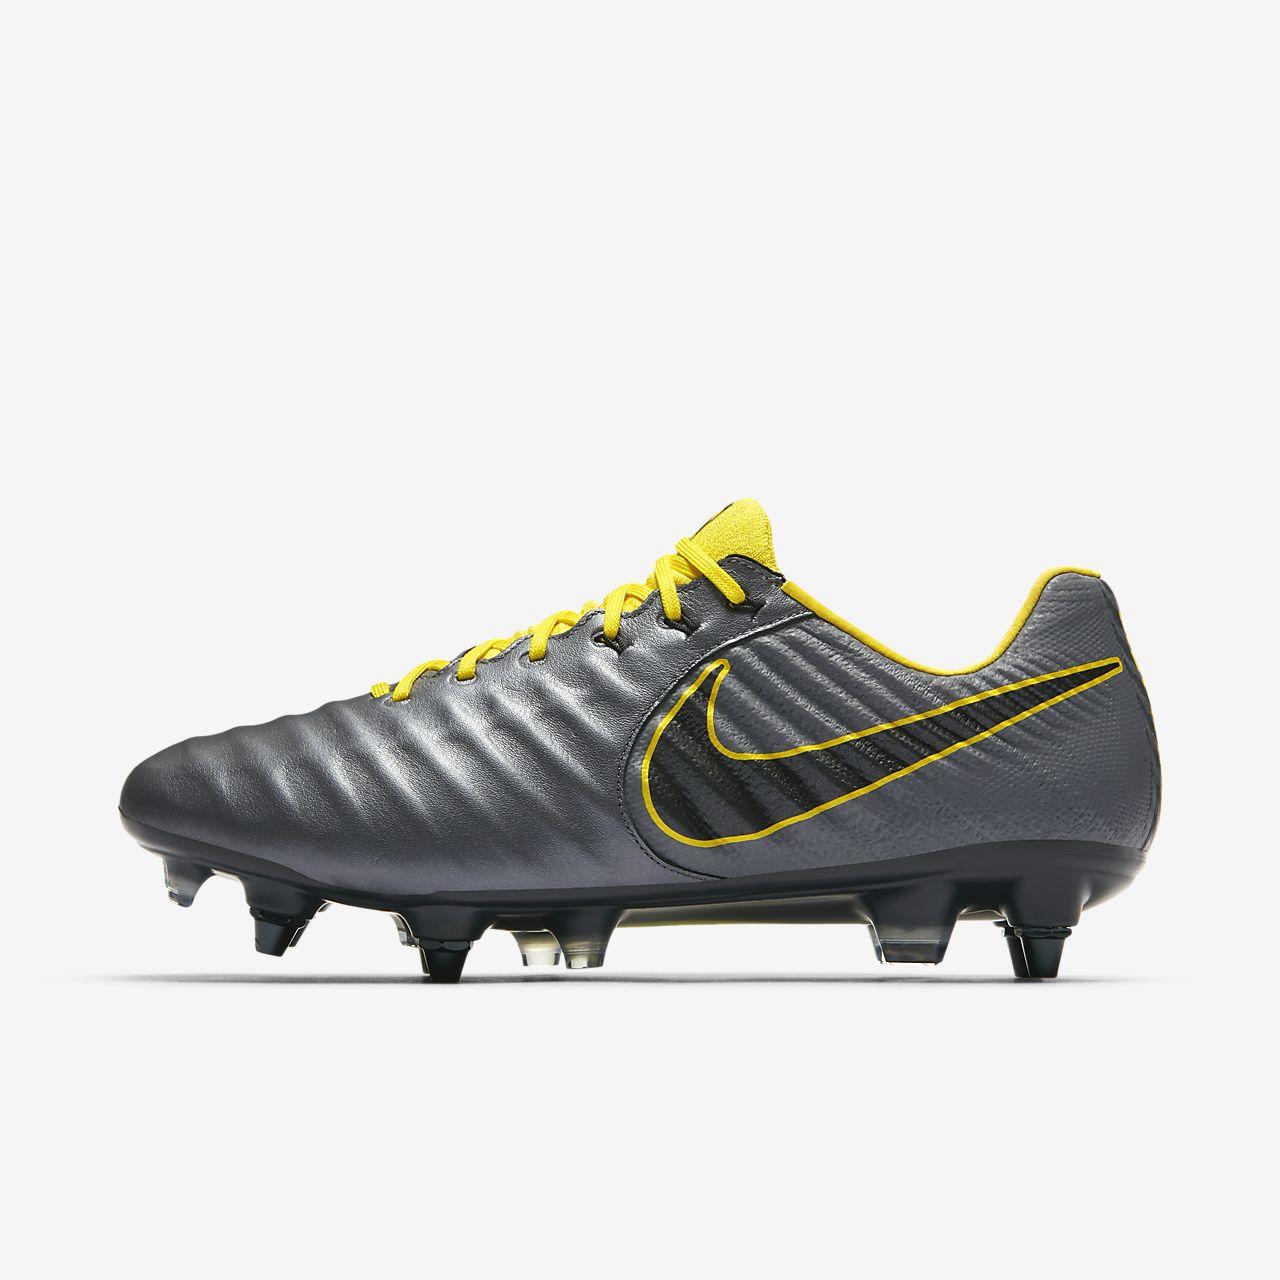 outlet store 1a6b8 e1b68 ... Chaussure de football à crampons pour terrain gras Nike Tiempo Legend  VII Elite SG-Pro